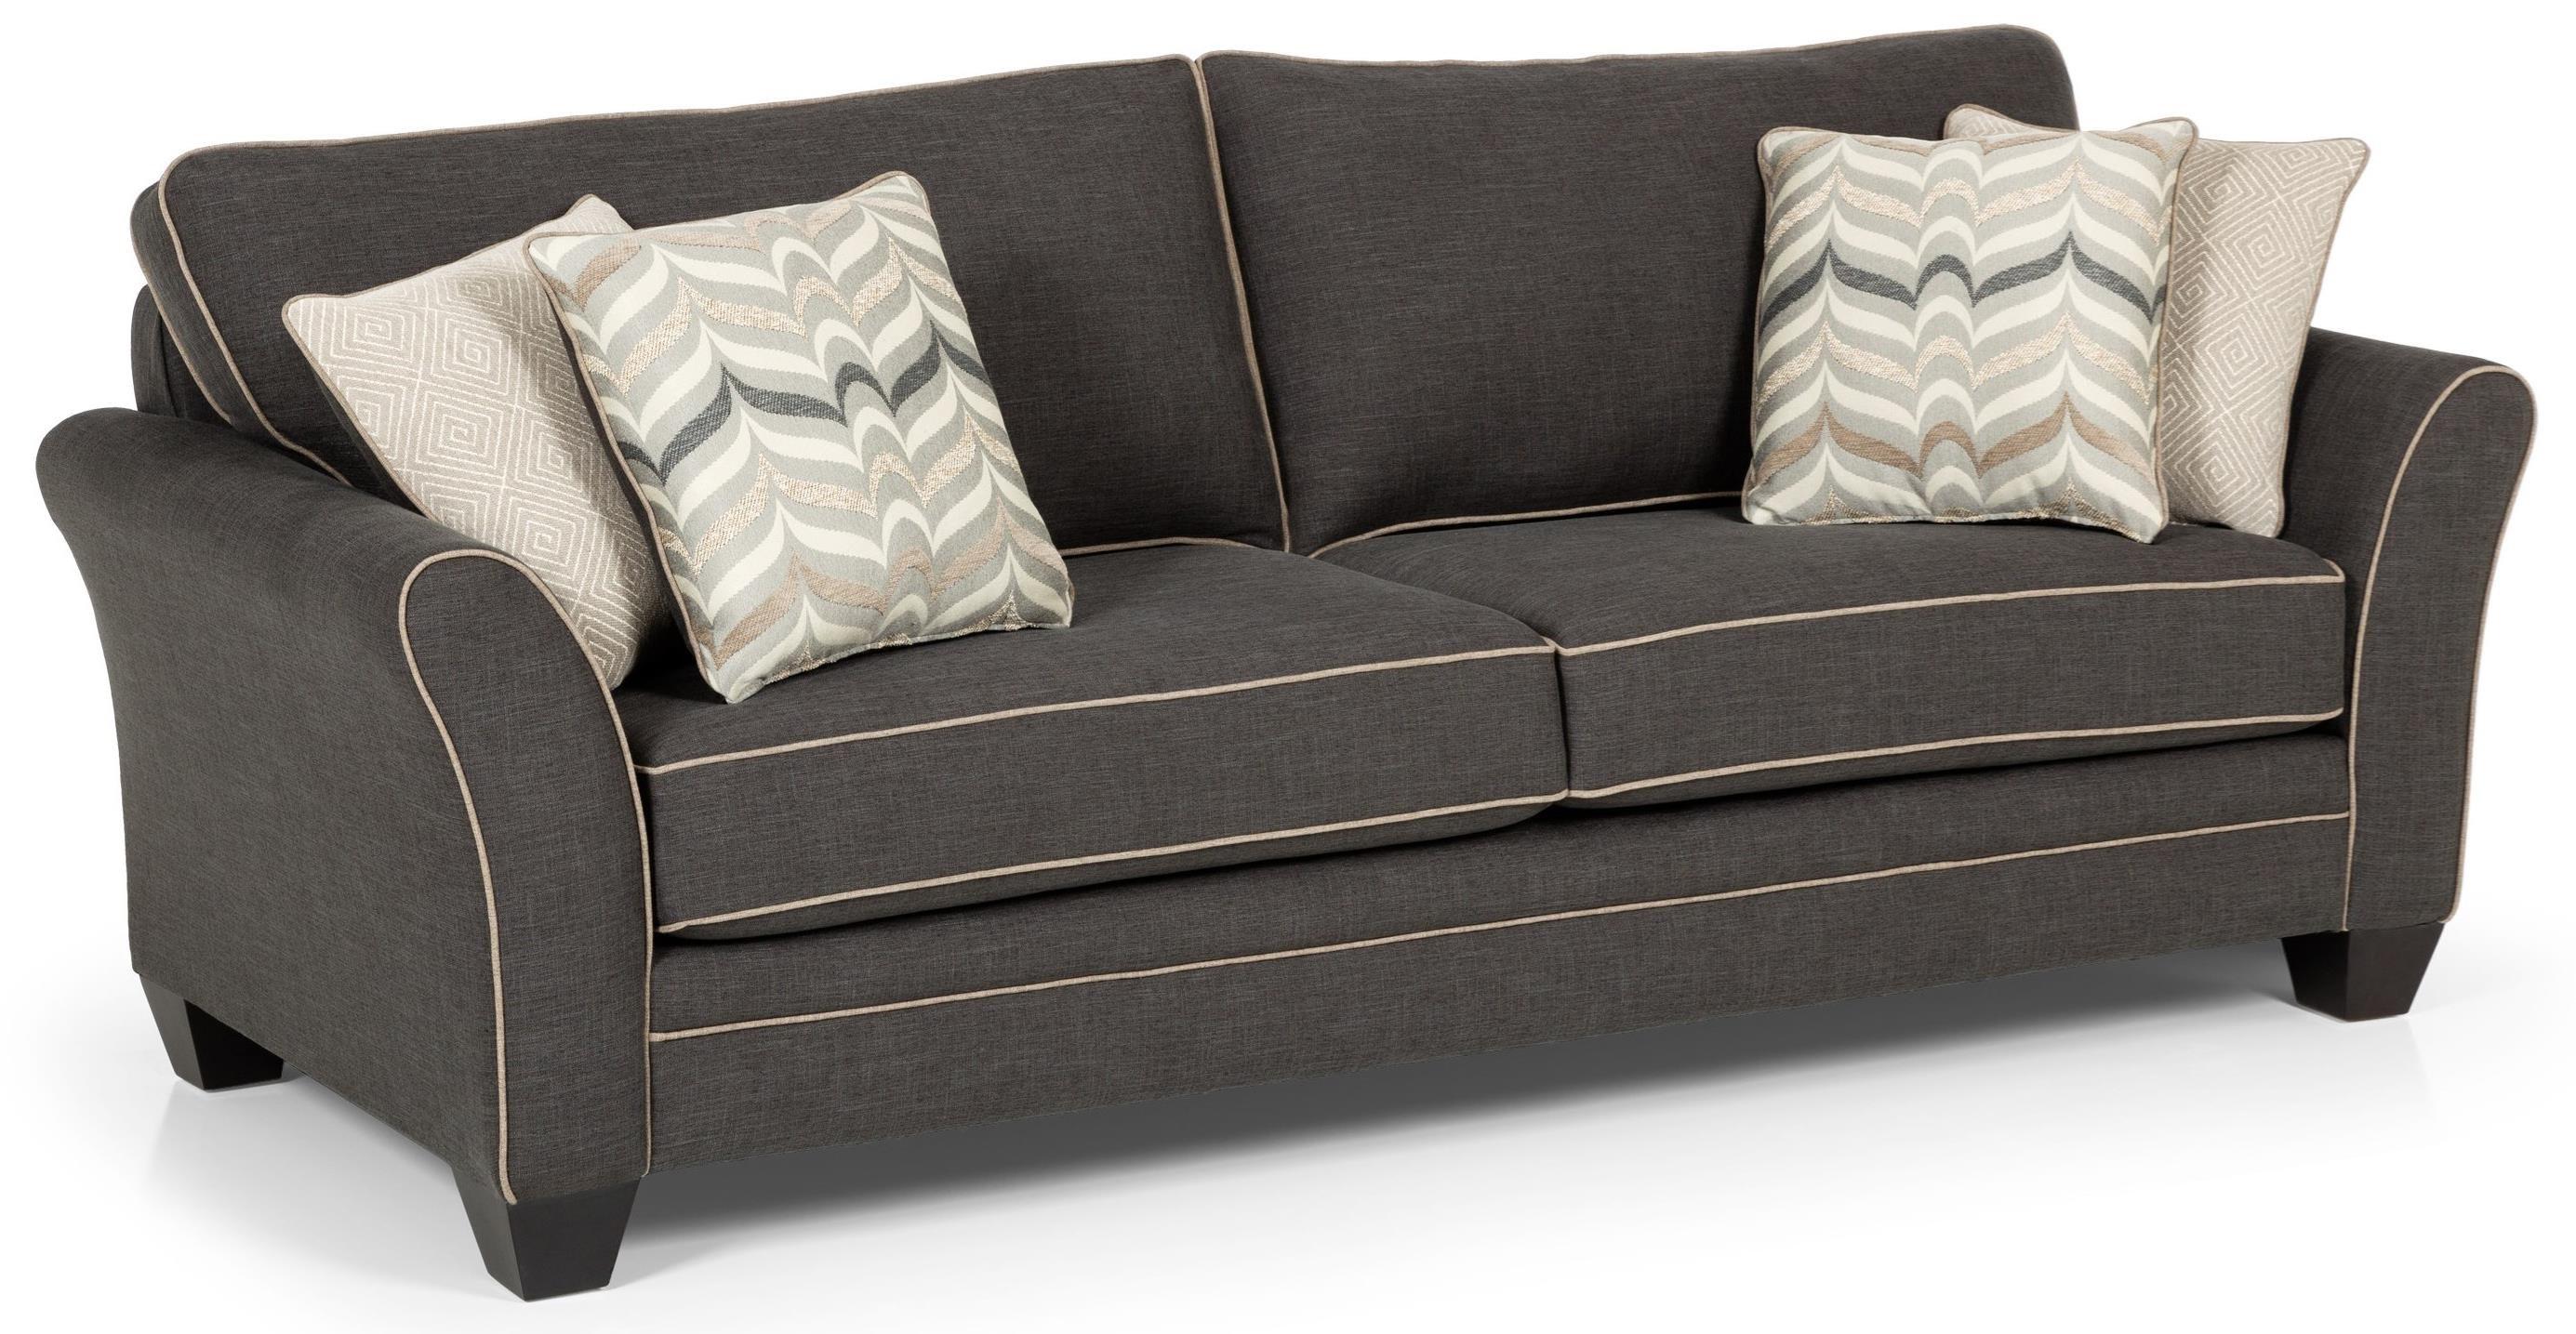 Stanton 362 Sofa - Item Number: 362-01